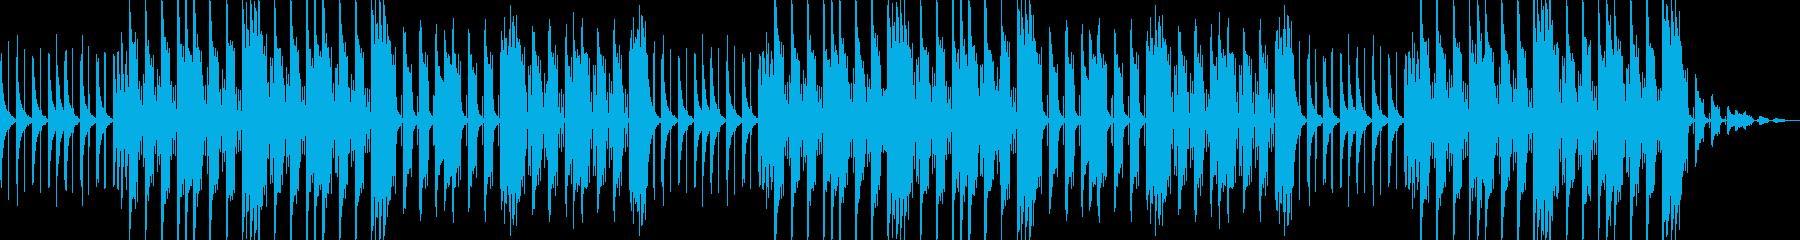 vlogかわいいおしゃれhiphop曲の再生済みの波形